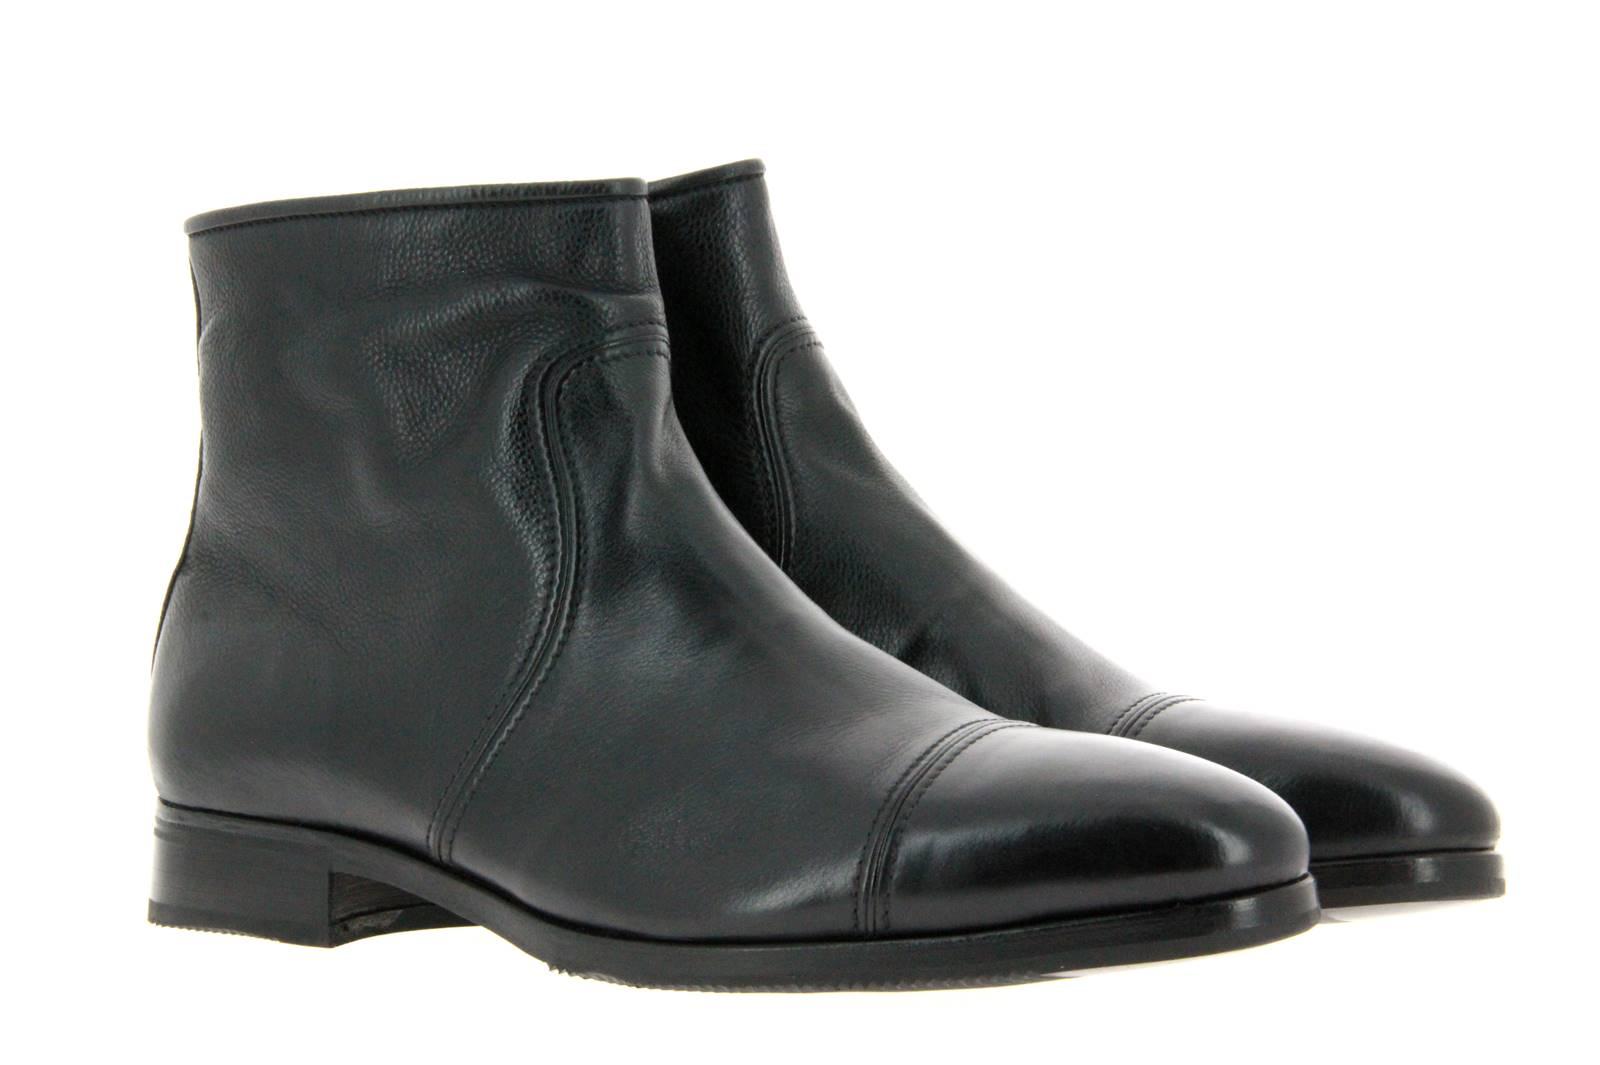 Gravati ankle boots lined CALF NERO BLACK